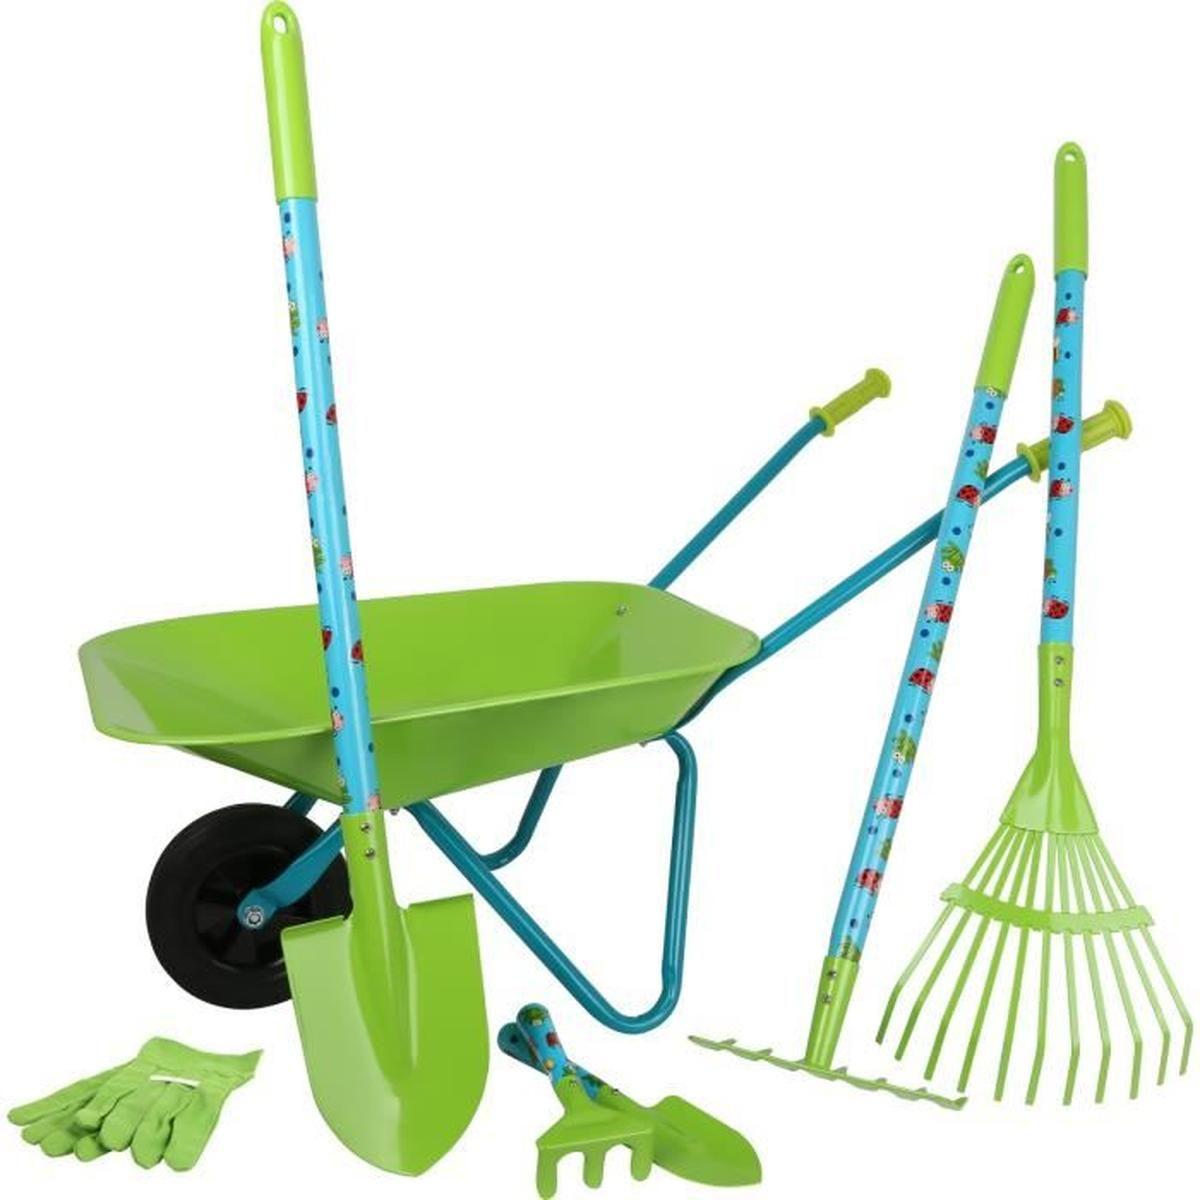 Grand Kit De Jardin Avec Brouette Pour Enfant - Achat ... avec Outils Jardin Enfant